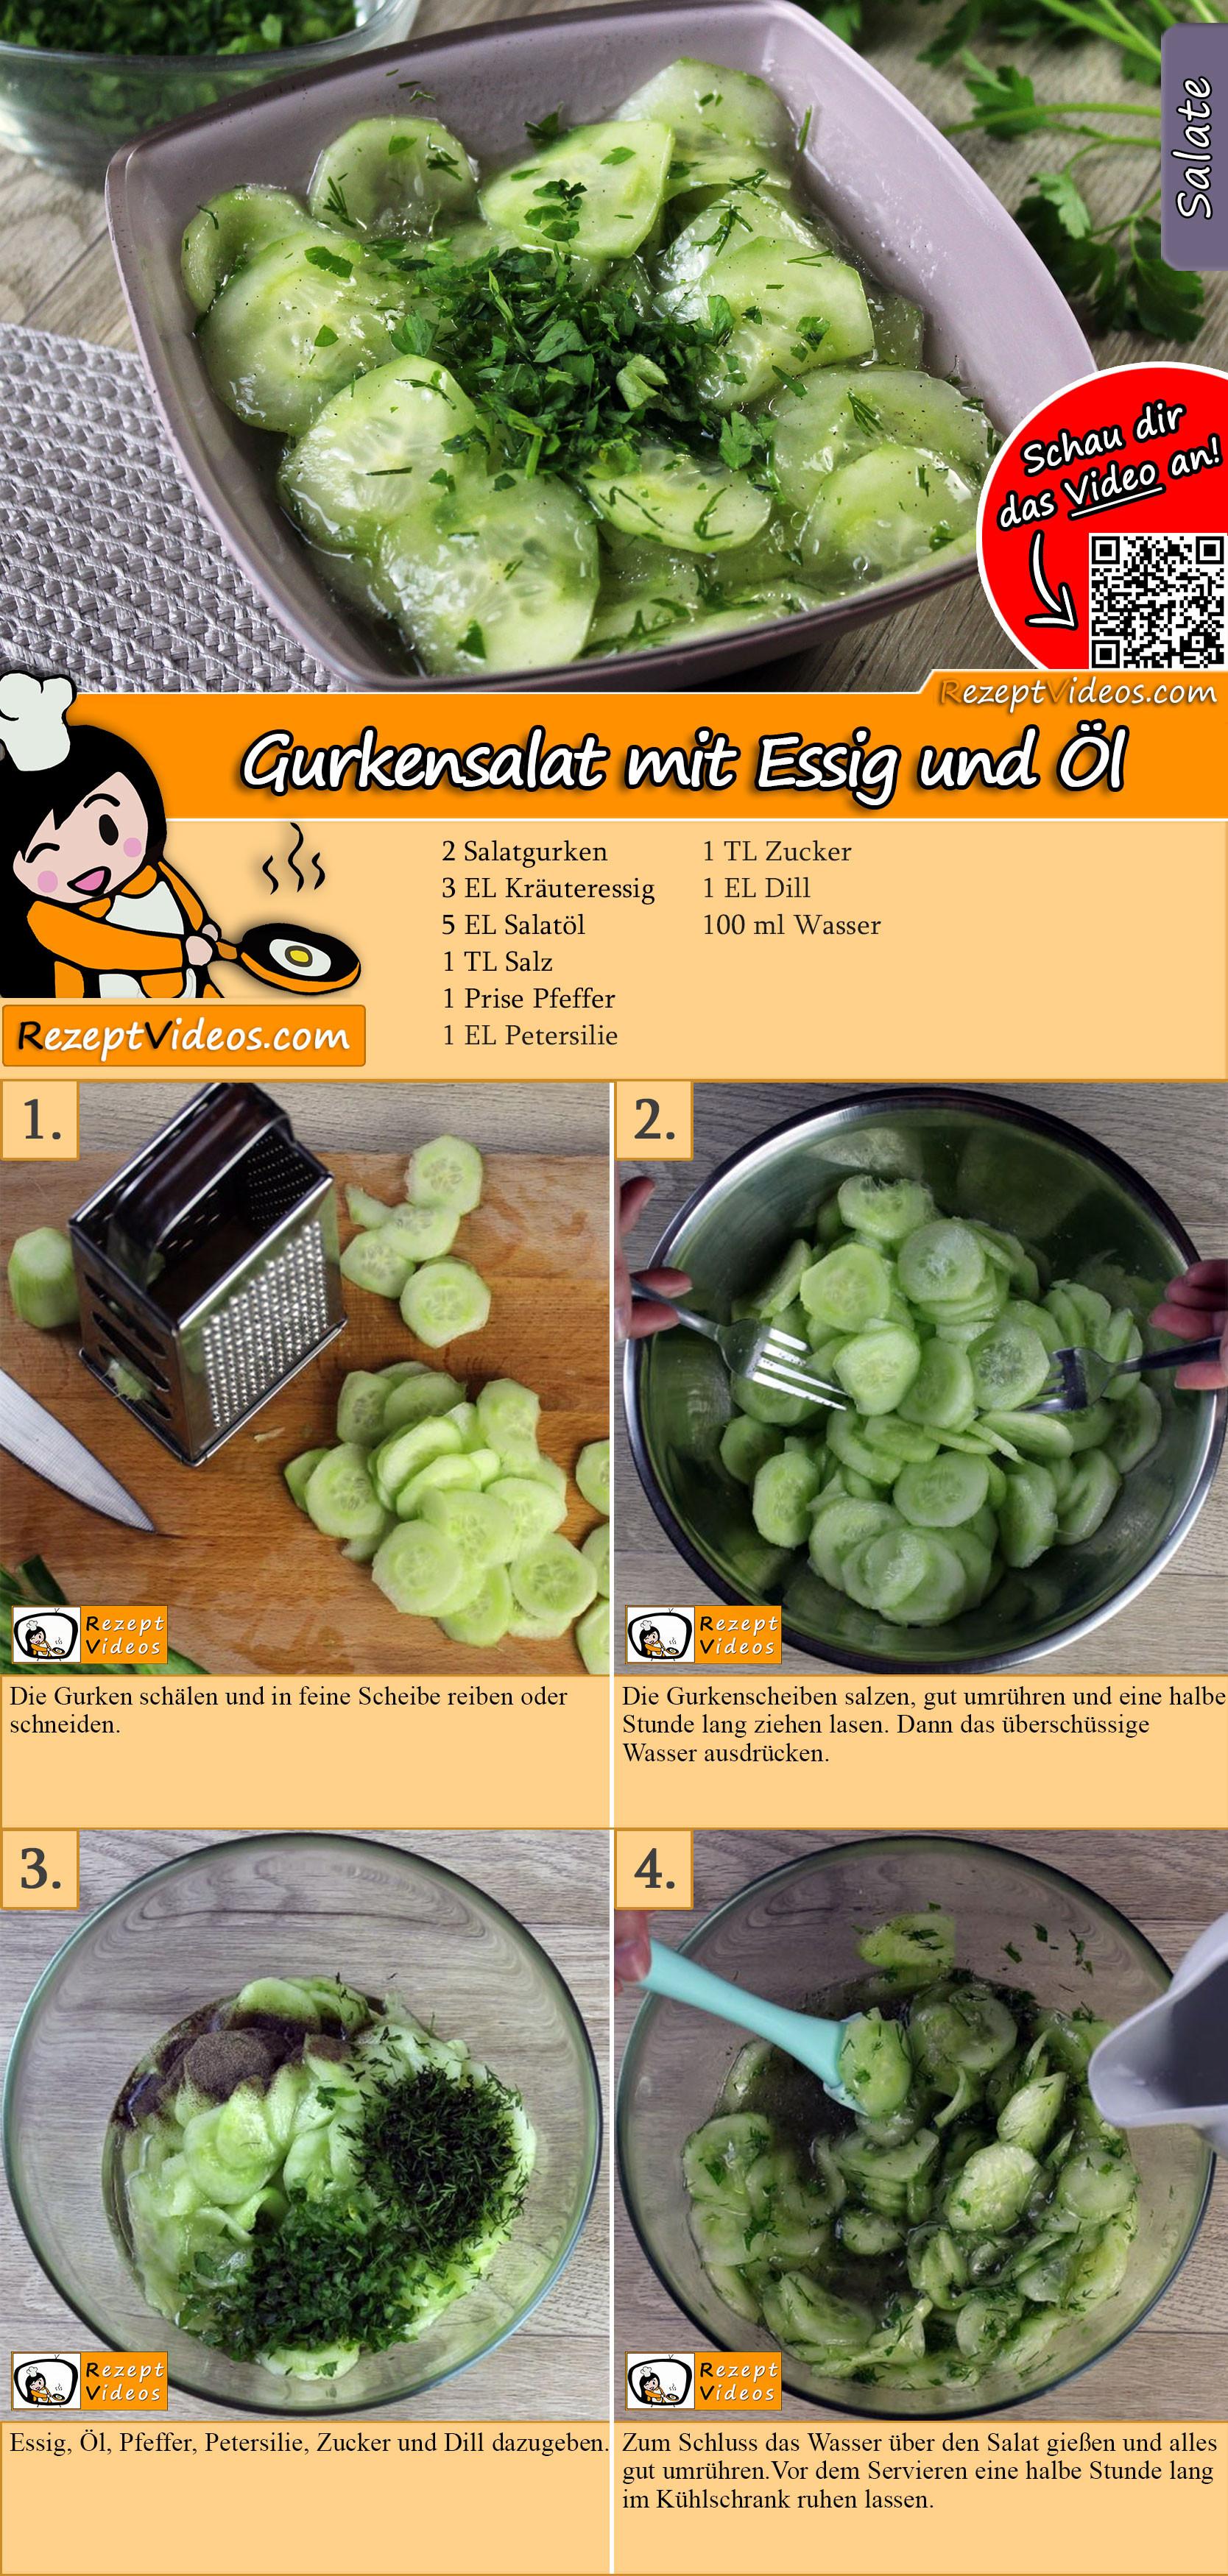 Gurkensalat mit Essig und Öl Rezept mit Video